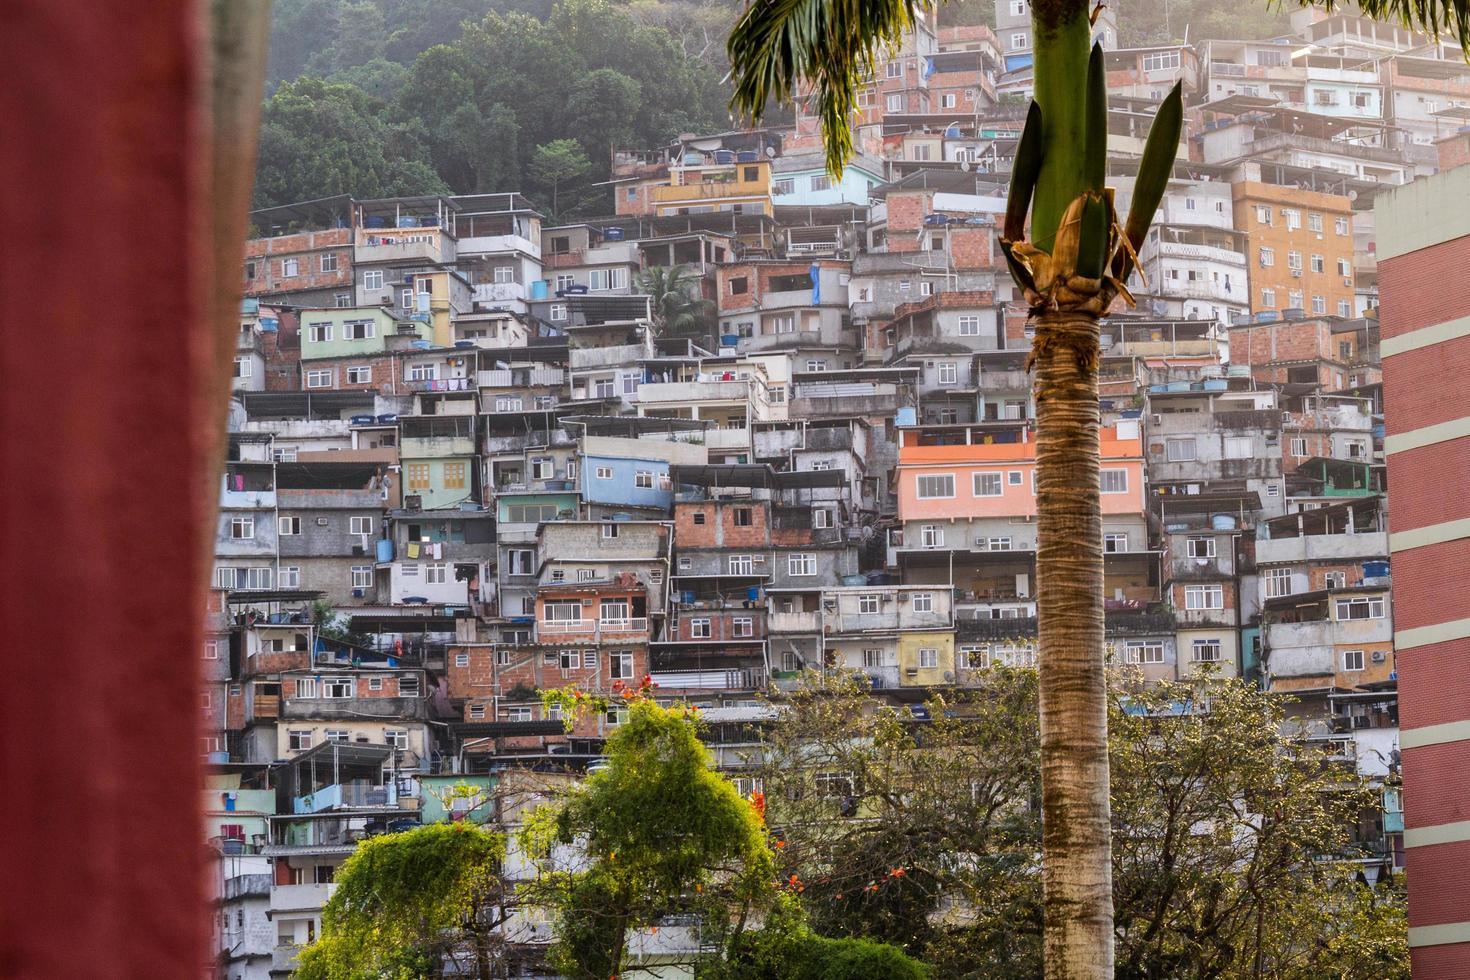 río de janeiro, brasil, 2015 - favela da rocinha foto